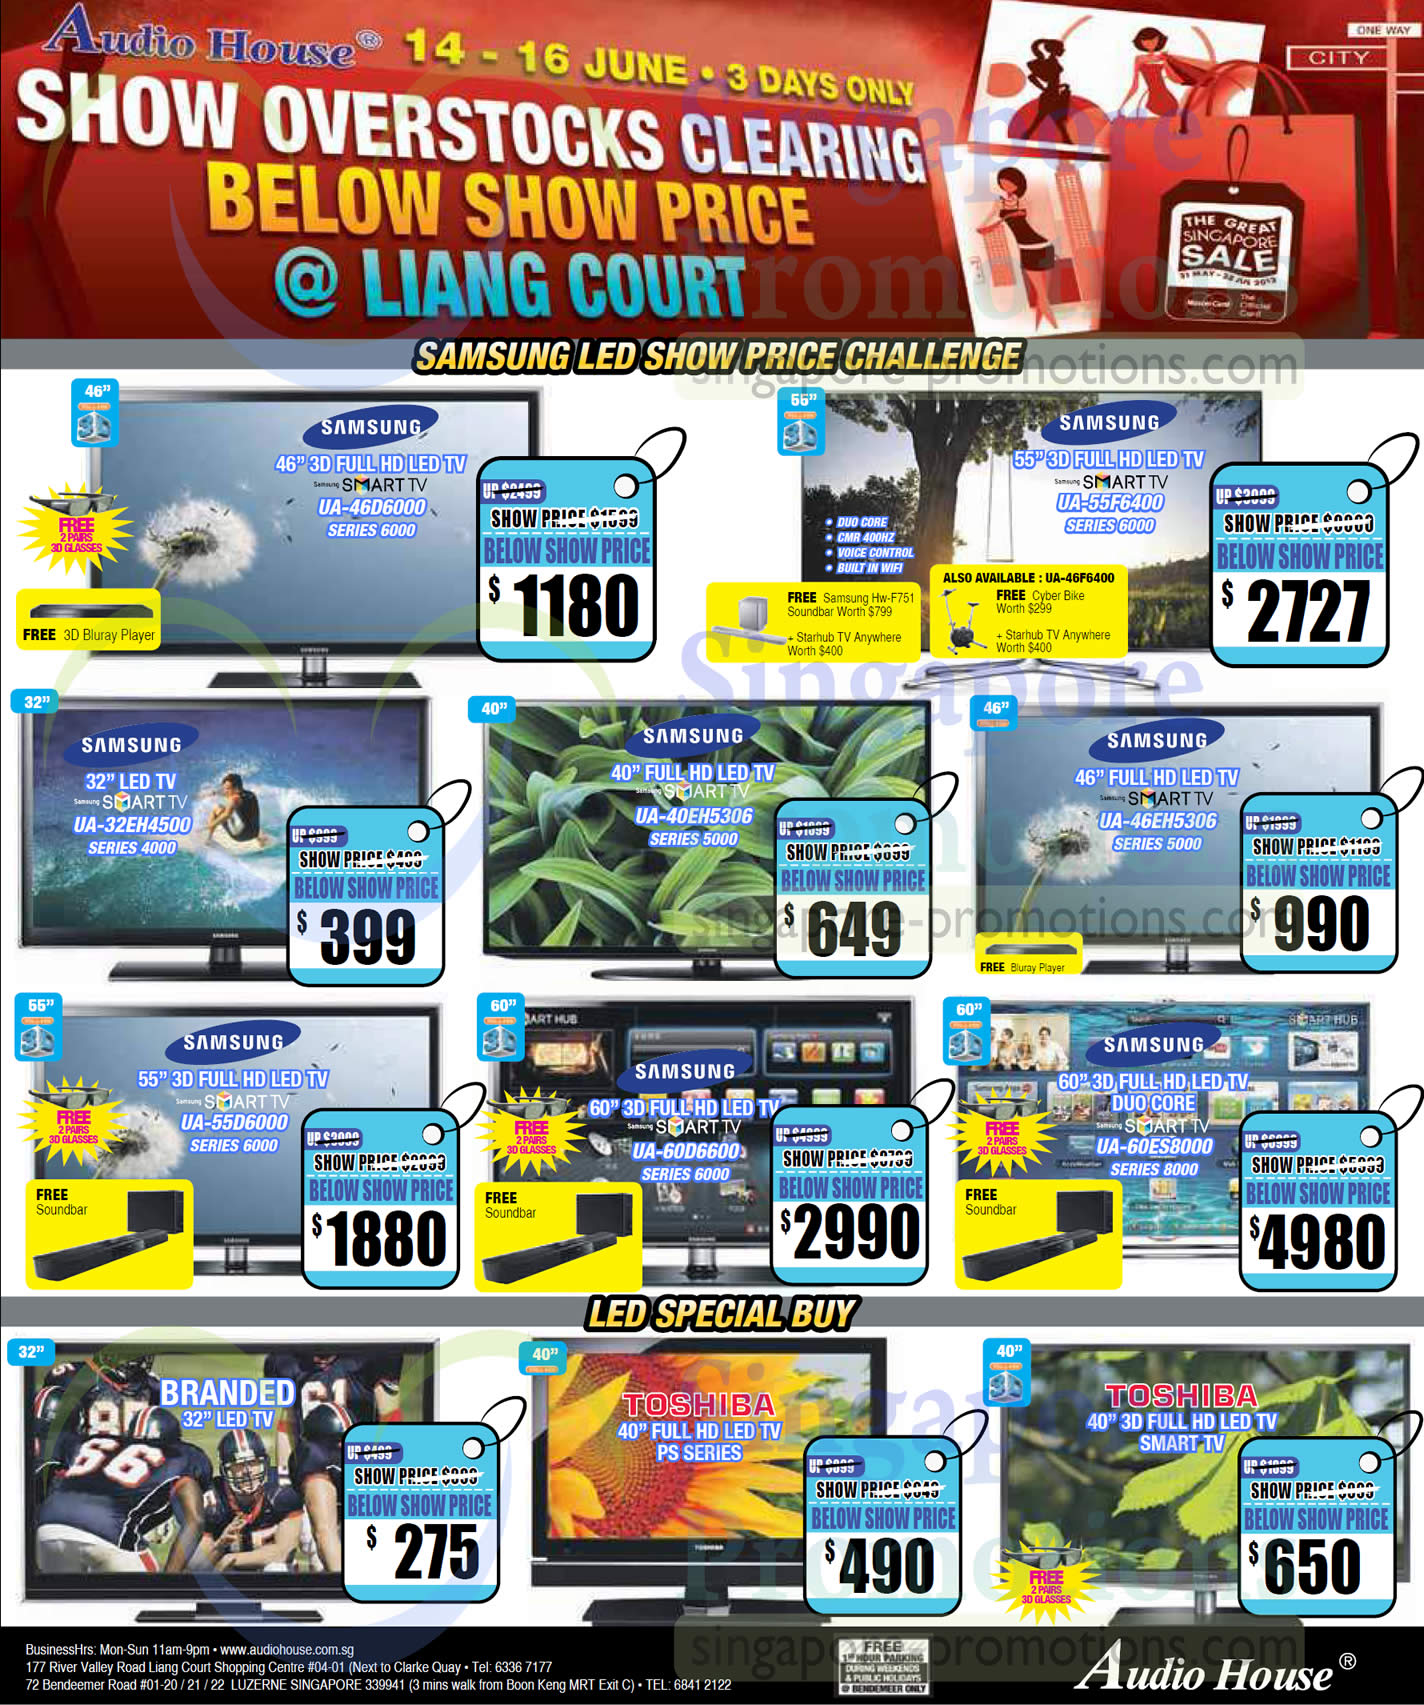 Samsung TVs, UA-46D6000 TV, UA-55F6400, UA-46H5306,  UA-40EH5306, UA-32EH4500, UA-55D6000, UA-60D6600, UA-60ES8000